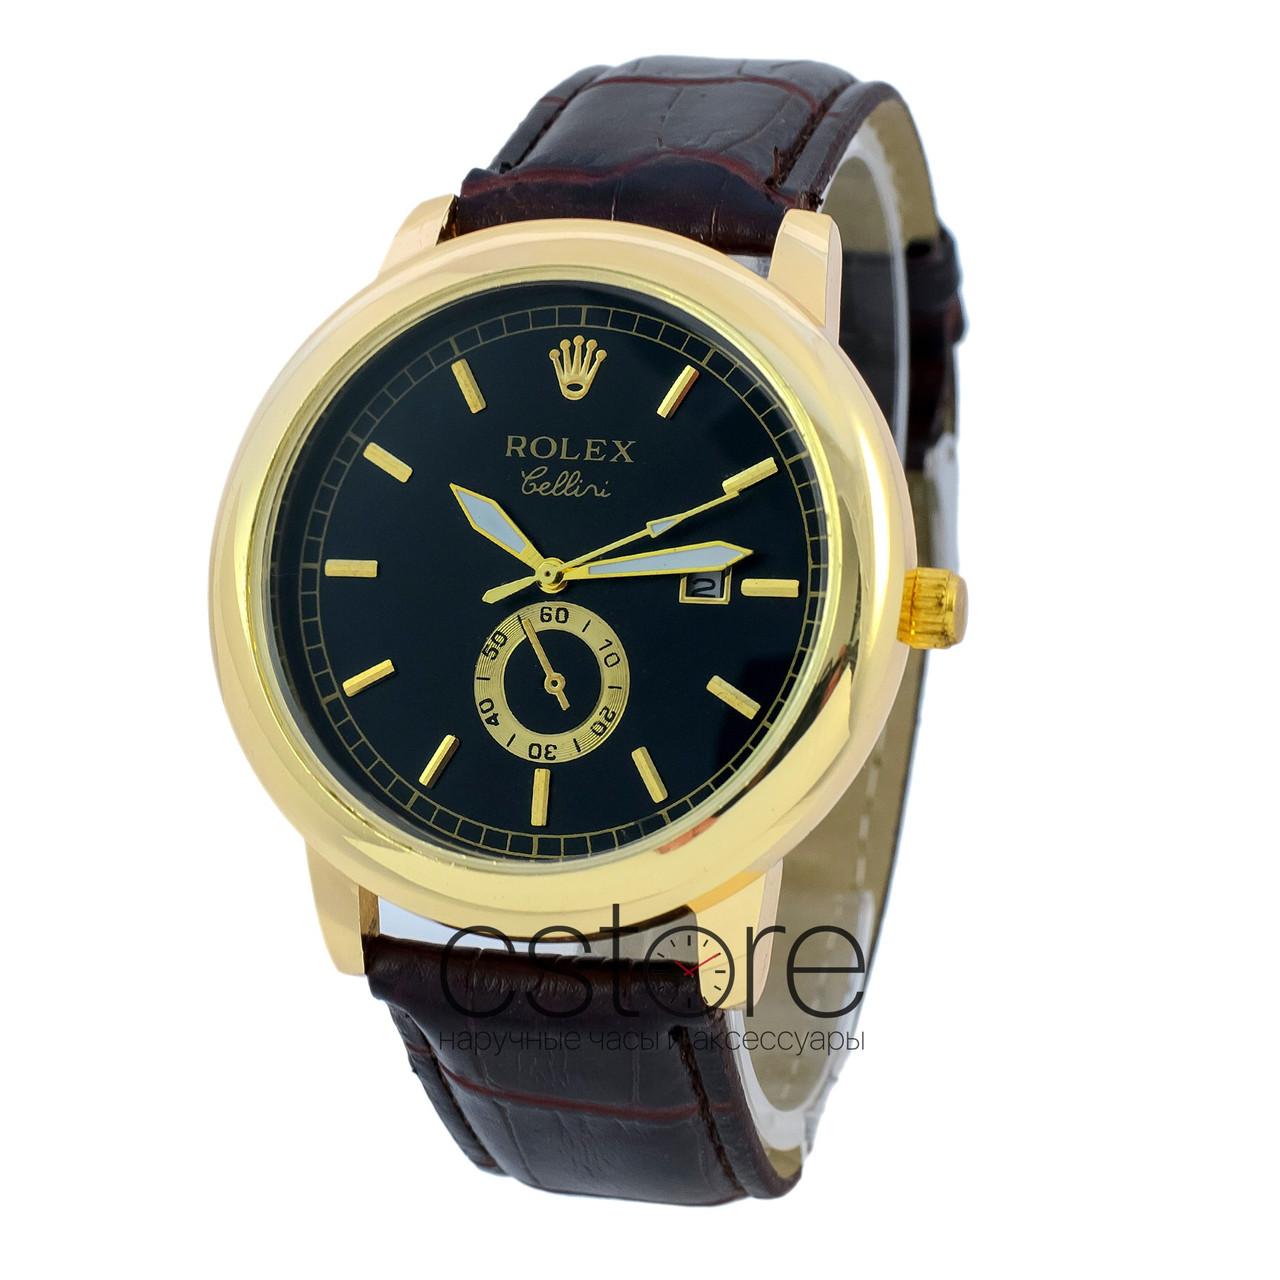 df6c15d373cf Мужские Наручные Копия Часы Rolex B68 Желтое Золото с Черным Циферблатом  (23062) — в Категории